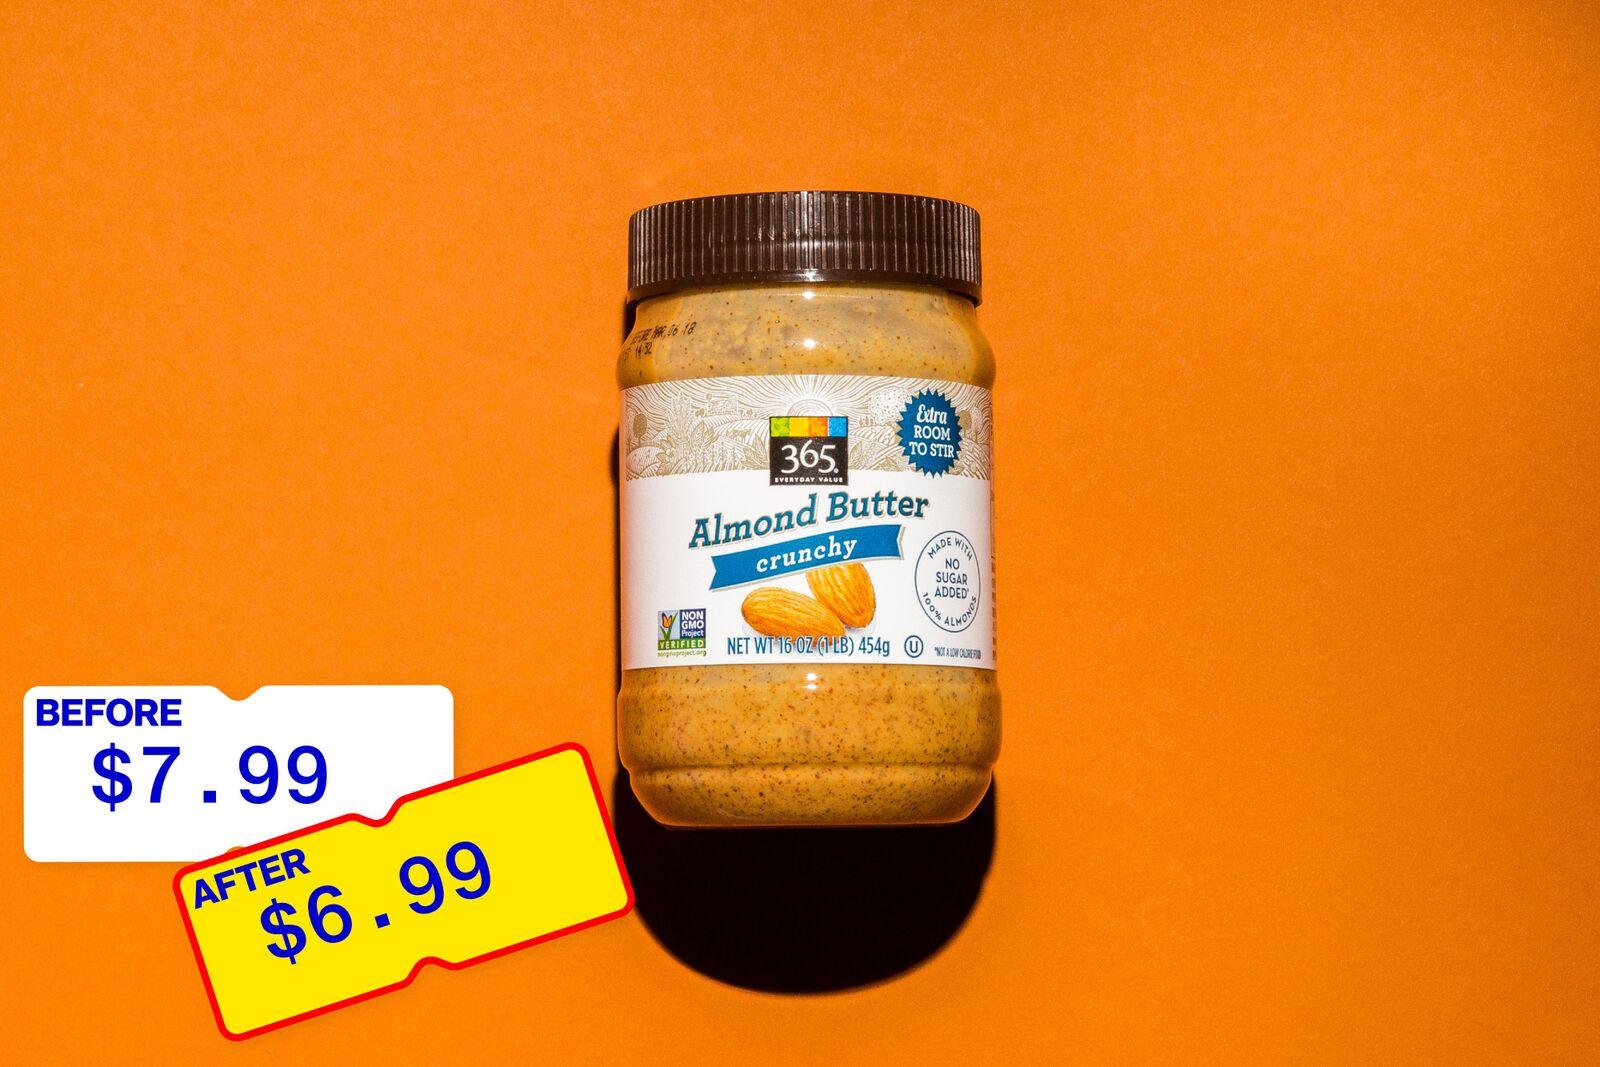 1503930715_web_wf-almond-butter